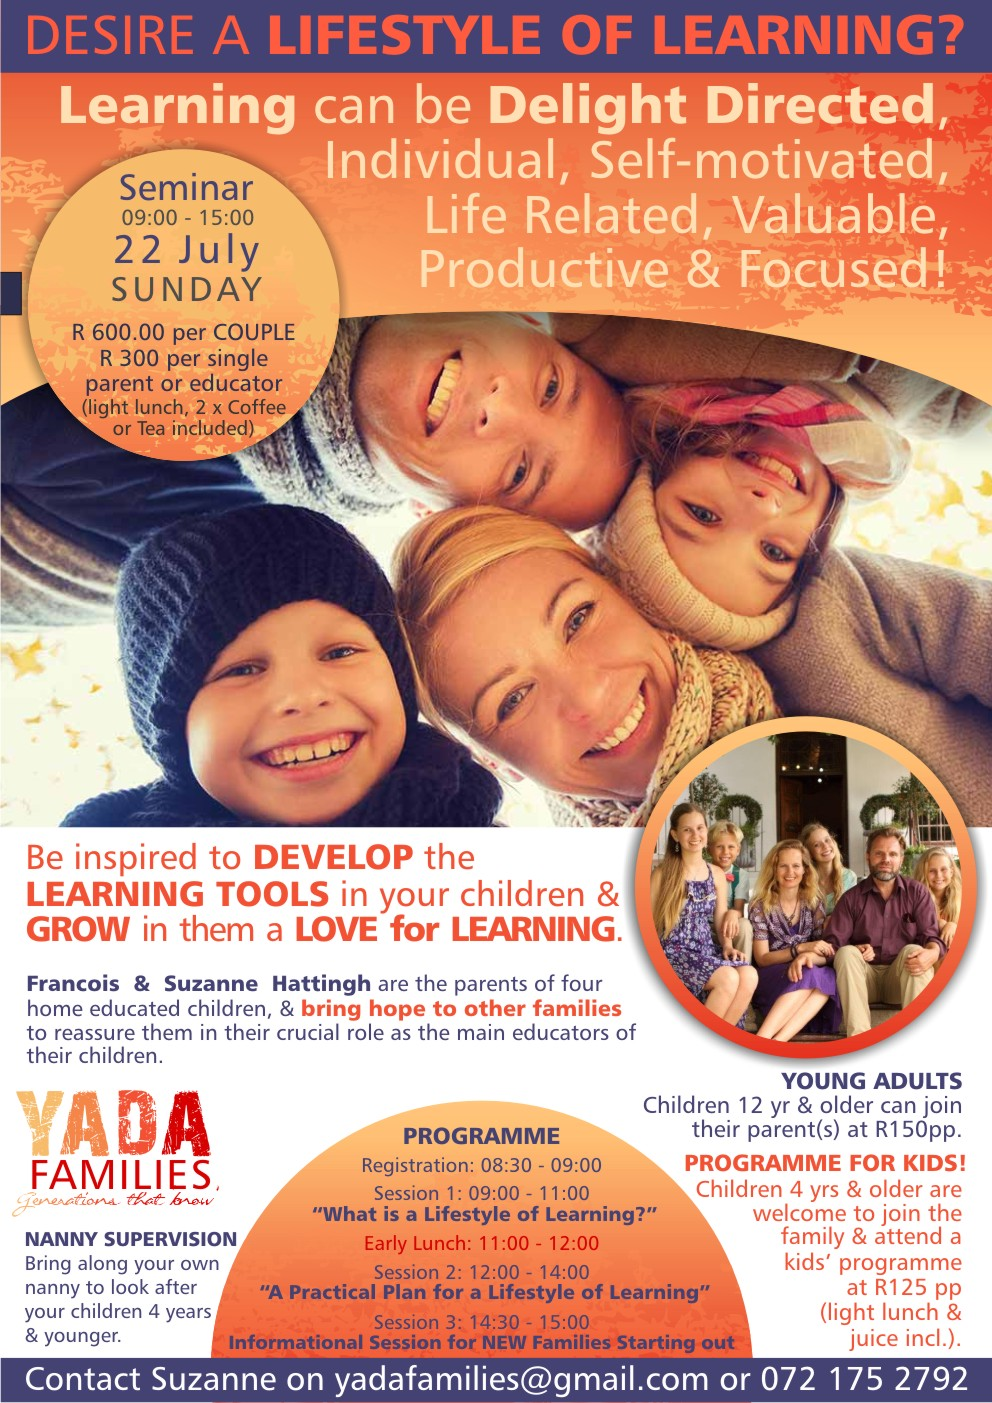 Invitation Seminar 22 July.jpg